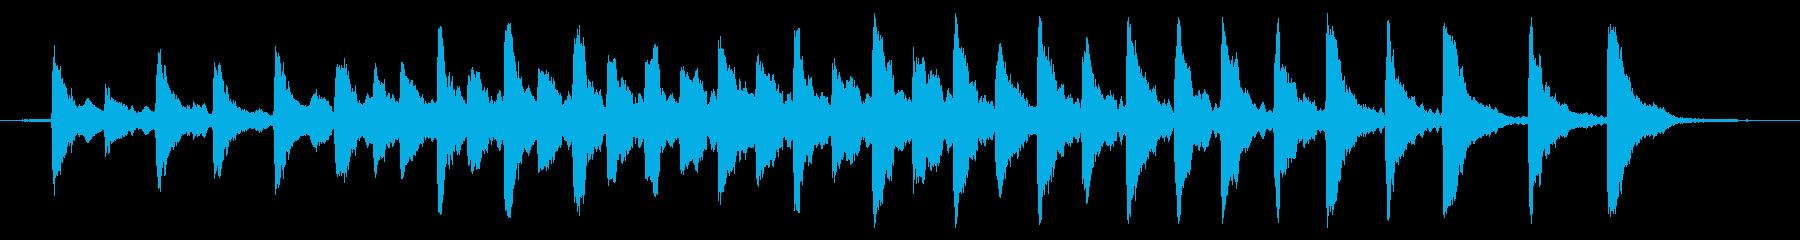 レプトン教会G#ベル:リンギングの再生済みの波形